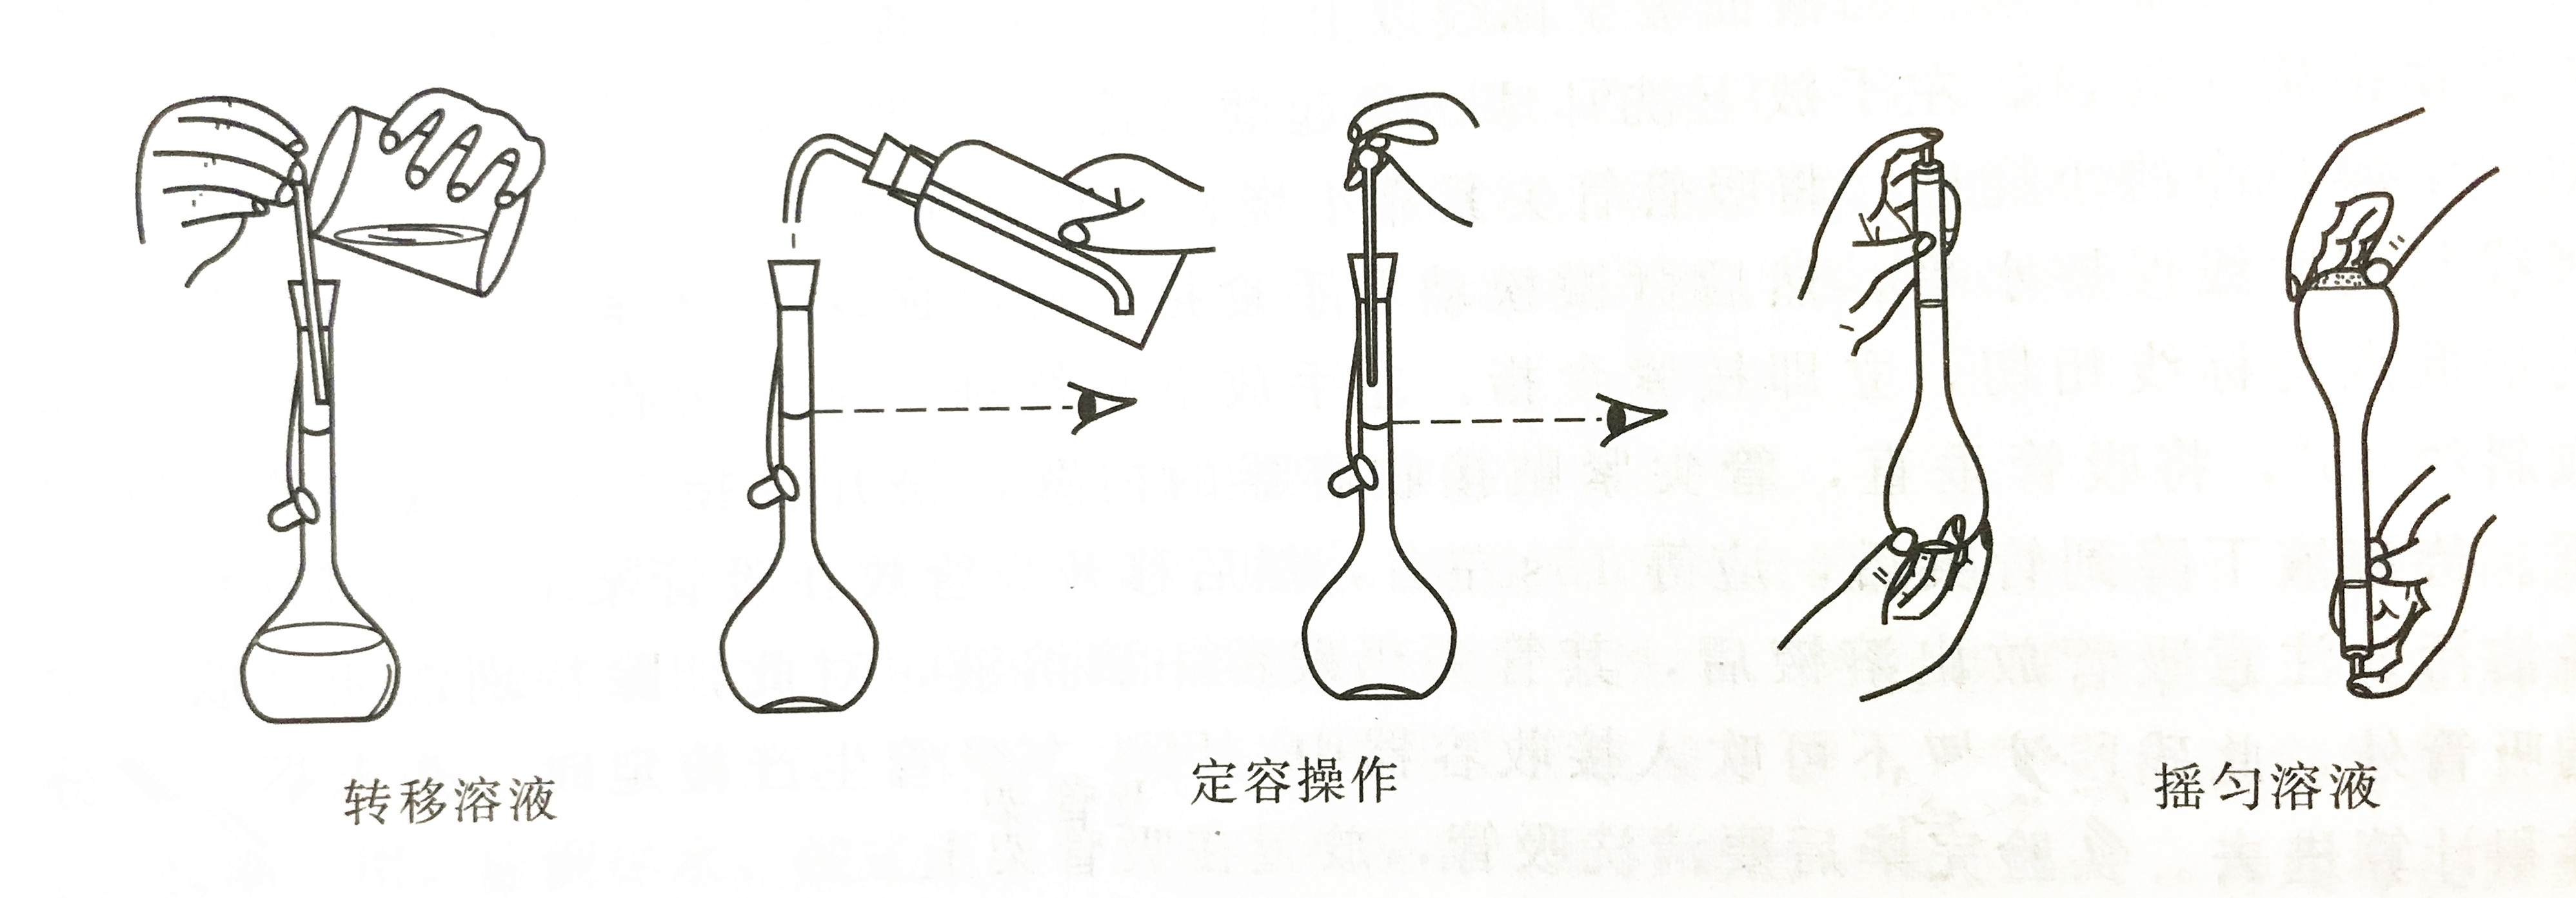 容量瓶使用方法